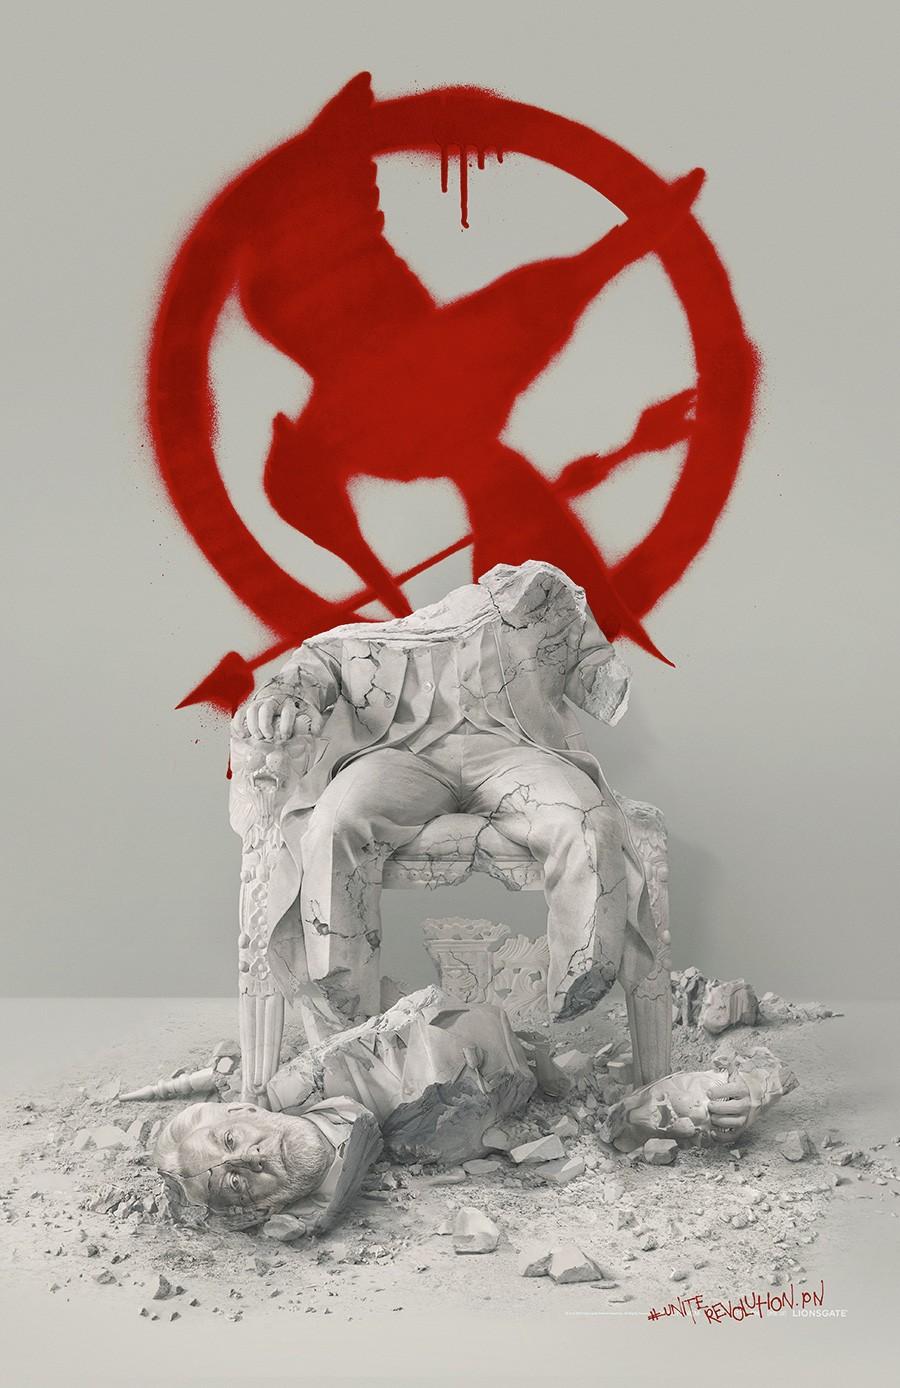 the-hunger-games-mockingjay-part-2-poster.jpg